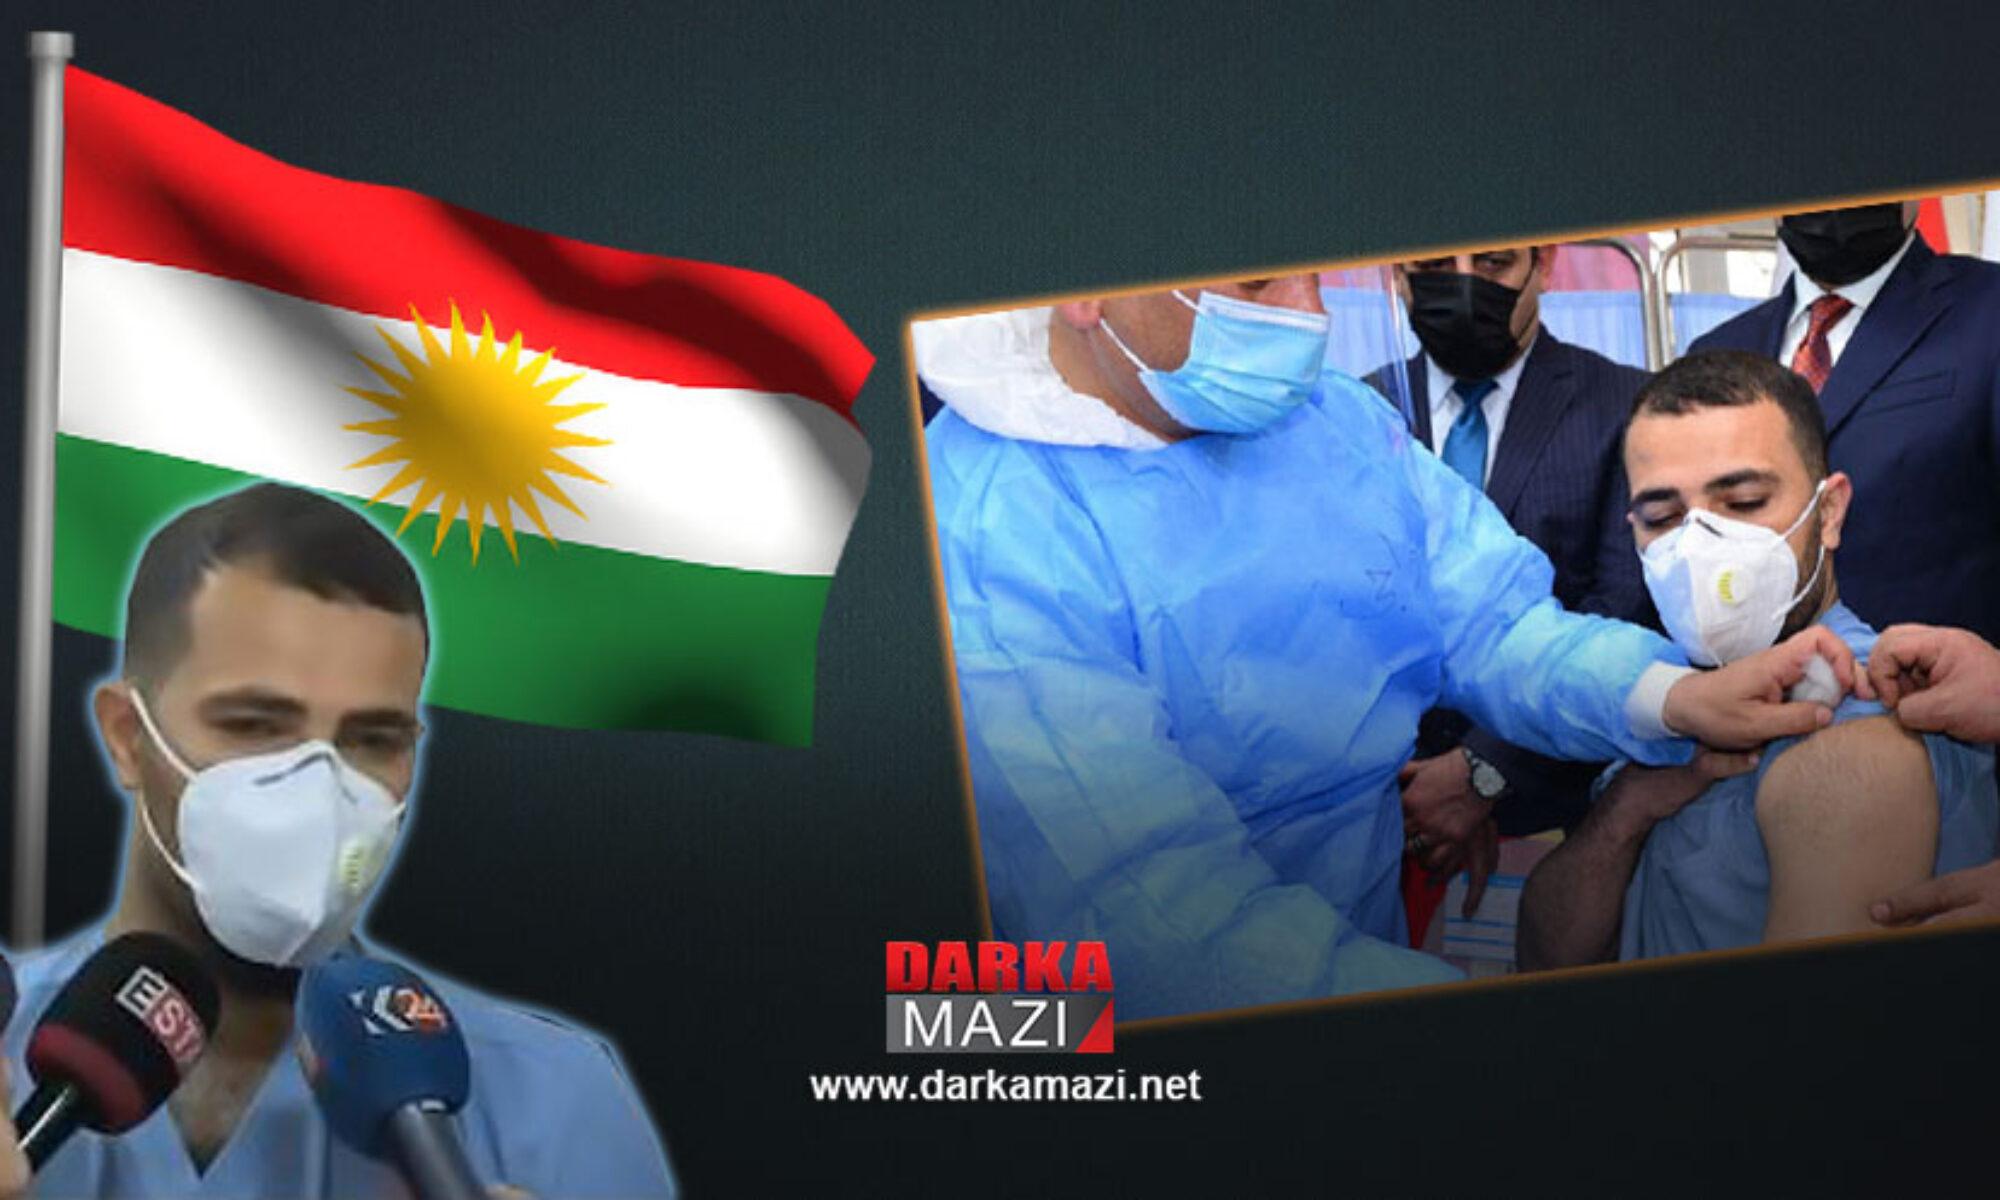 Kürdistan'da ilk aşı yoğun bakım servisinde çalışan sağlık görevlisine yapıldı